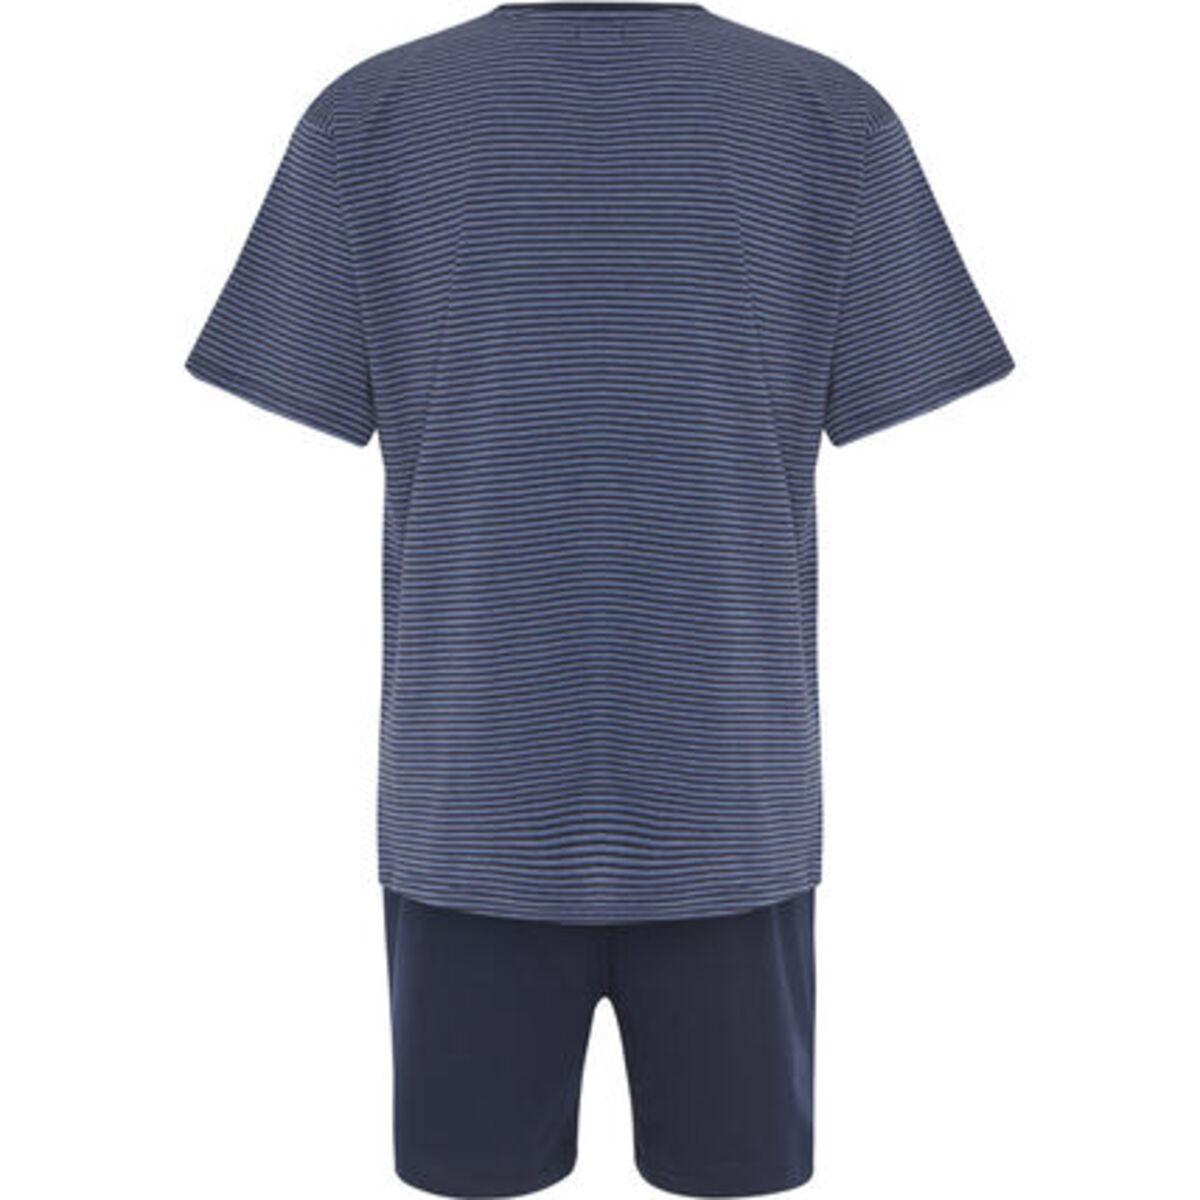 Bild 2 von K|town Schlafanzug, kurz, V-Ausschnitt, Jersey, für Herren